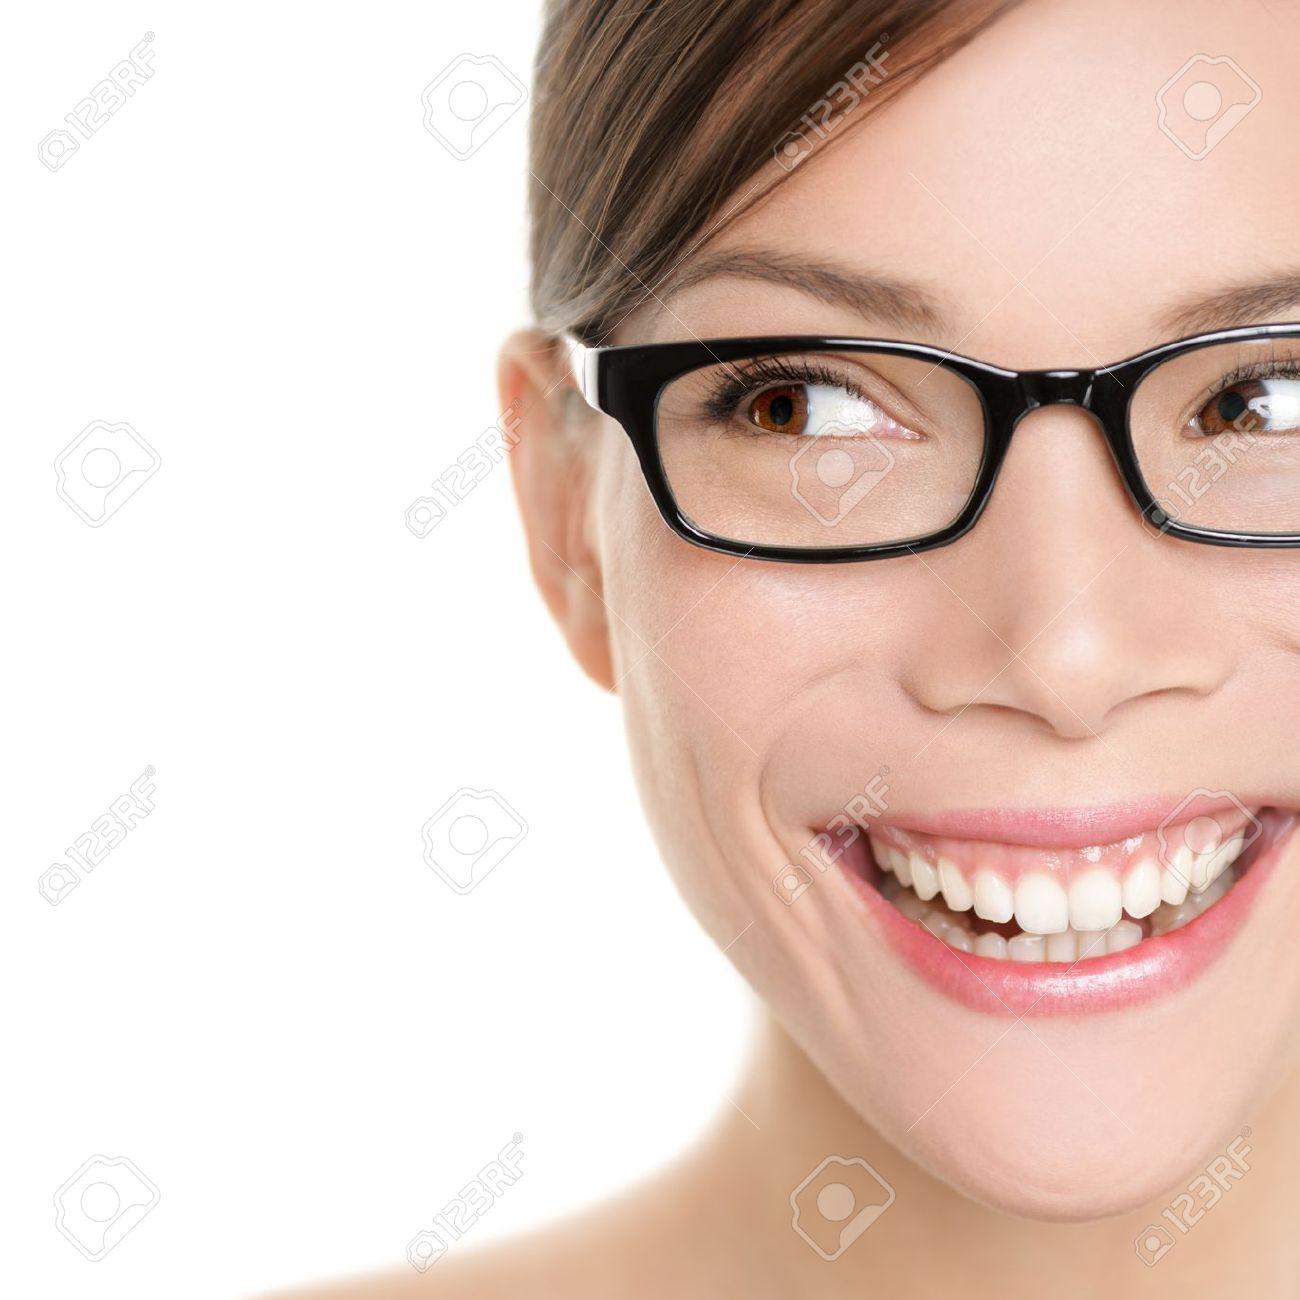 Картинки девушек с большой улыбкой фото 804-714